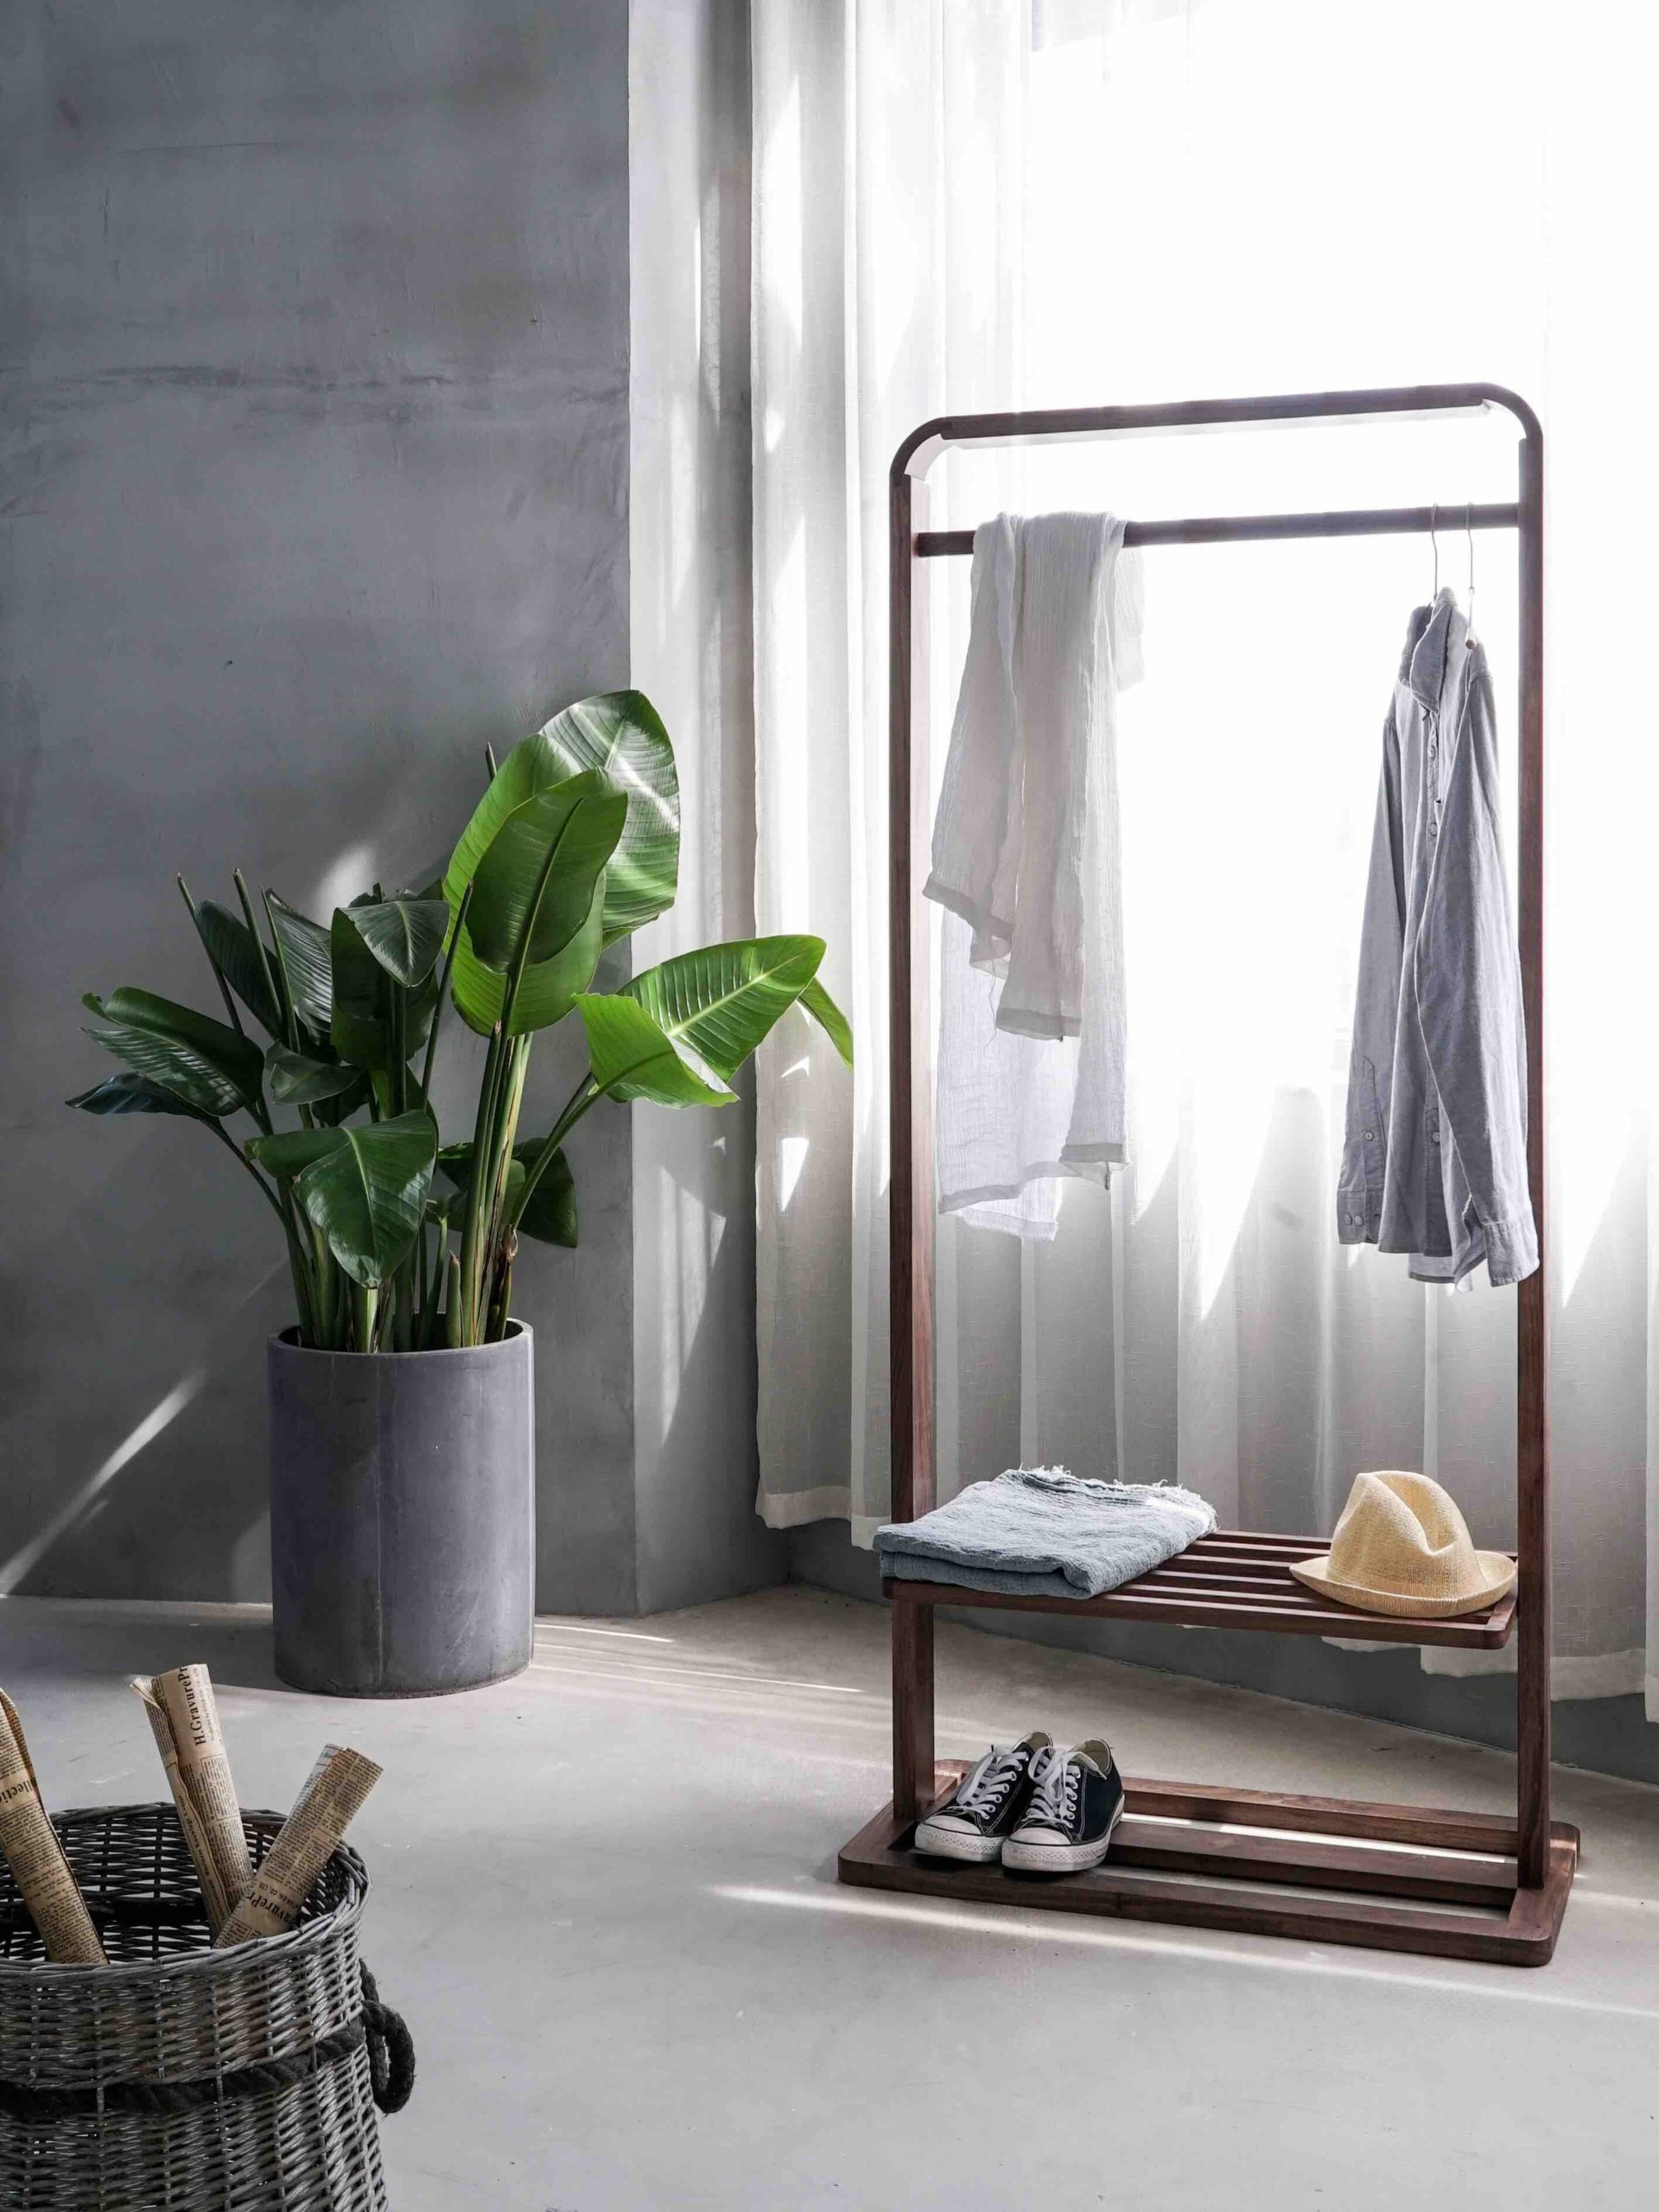 plante - plantes - chambre - choisir - verte - intérieur